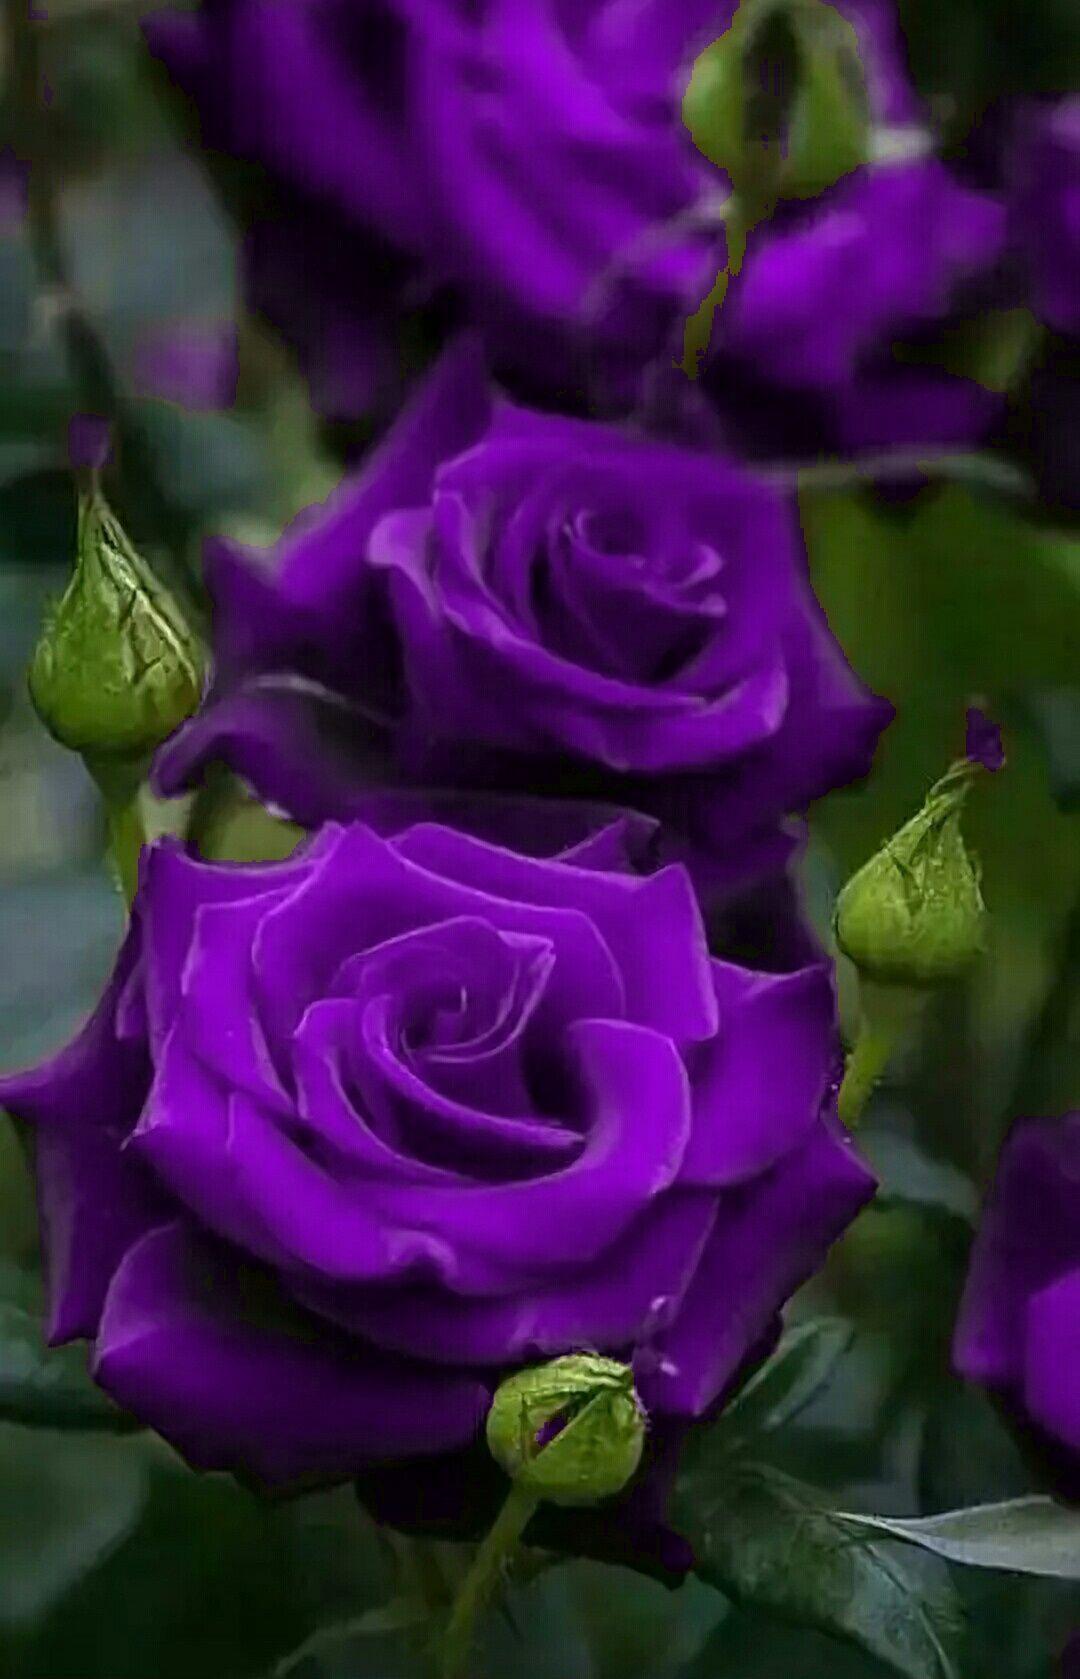 румынию, красивая сиреневая роза фото разрыве